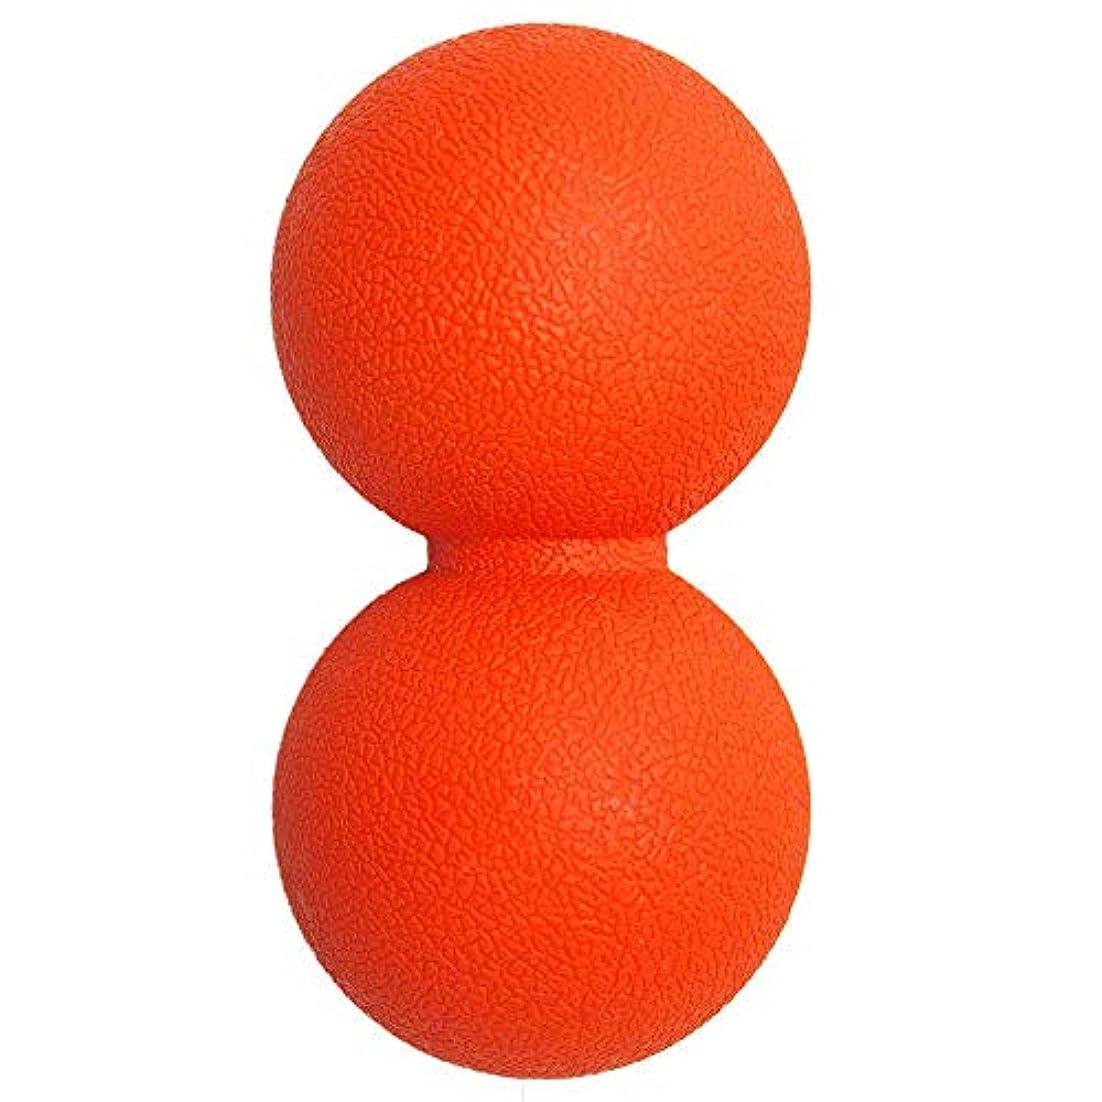 ニュース単に博物館マッサージボール 筋膜リリースストレッチボール 肩こり 腰 足裏ツボ押しグッズ 背中,オレンジ